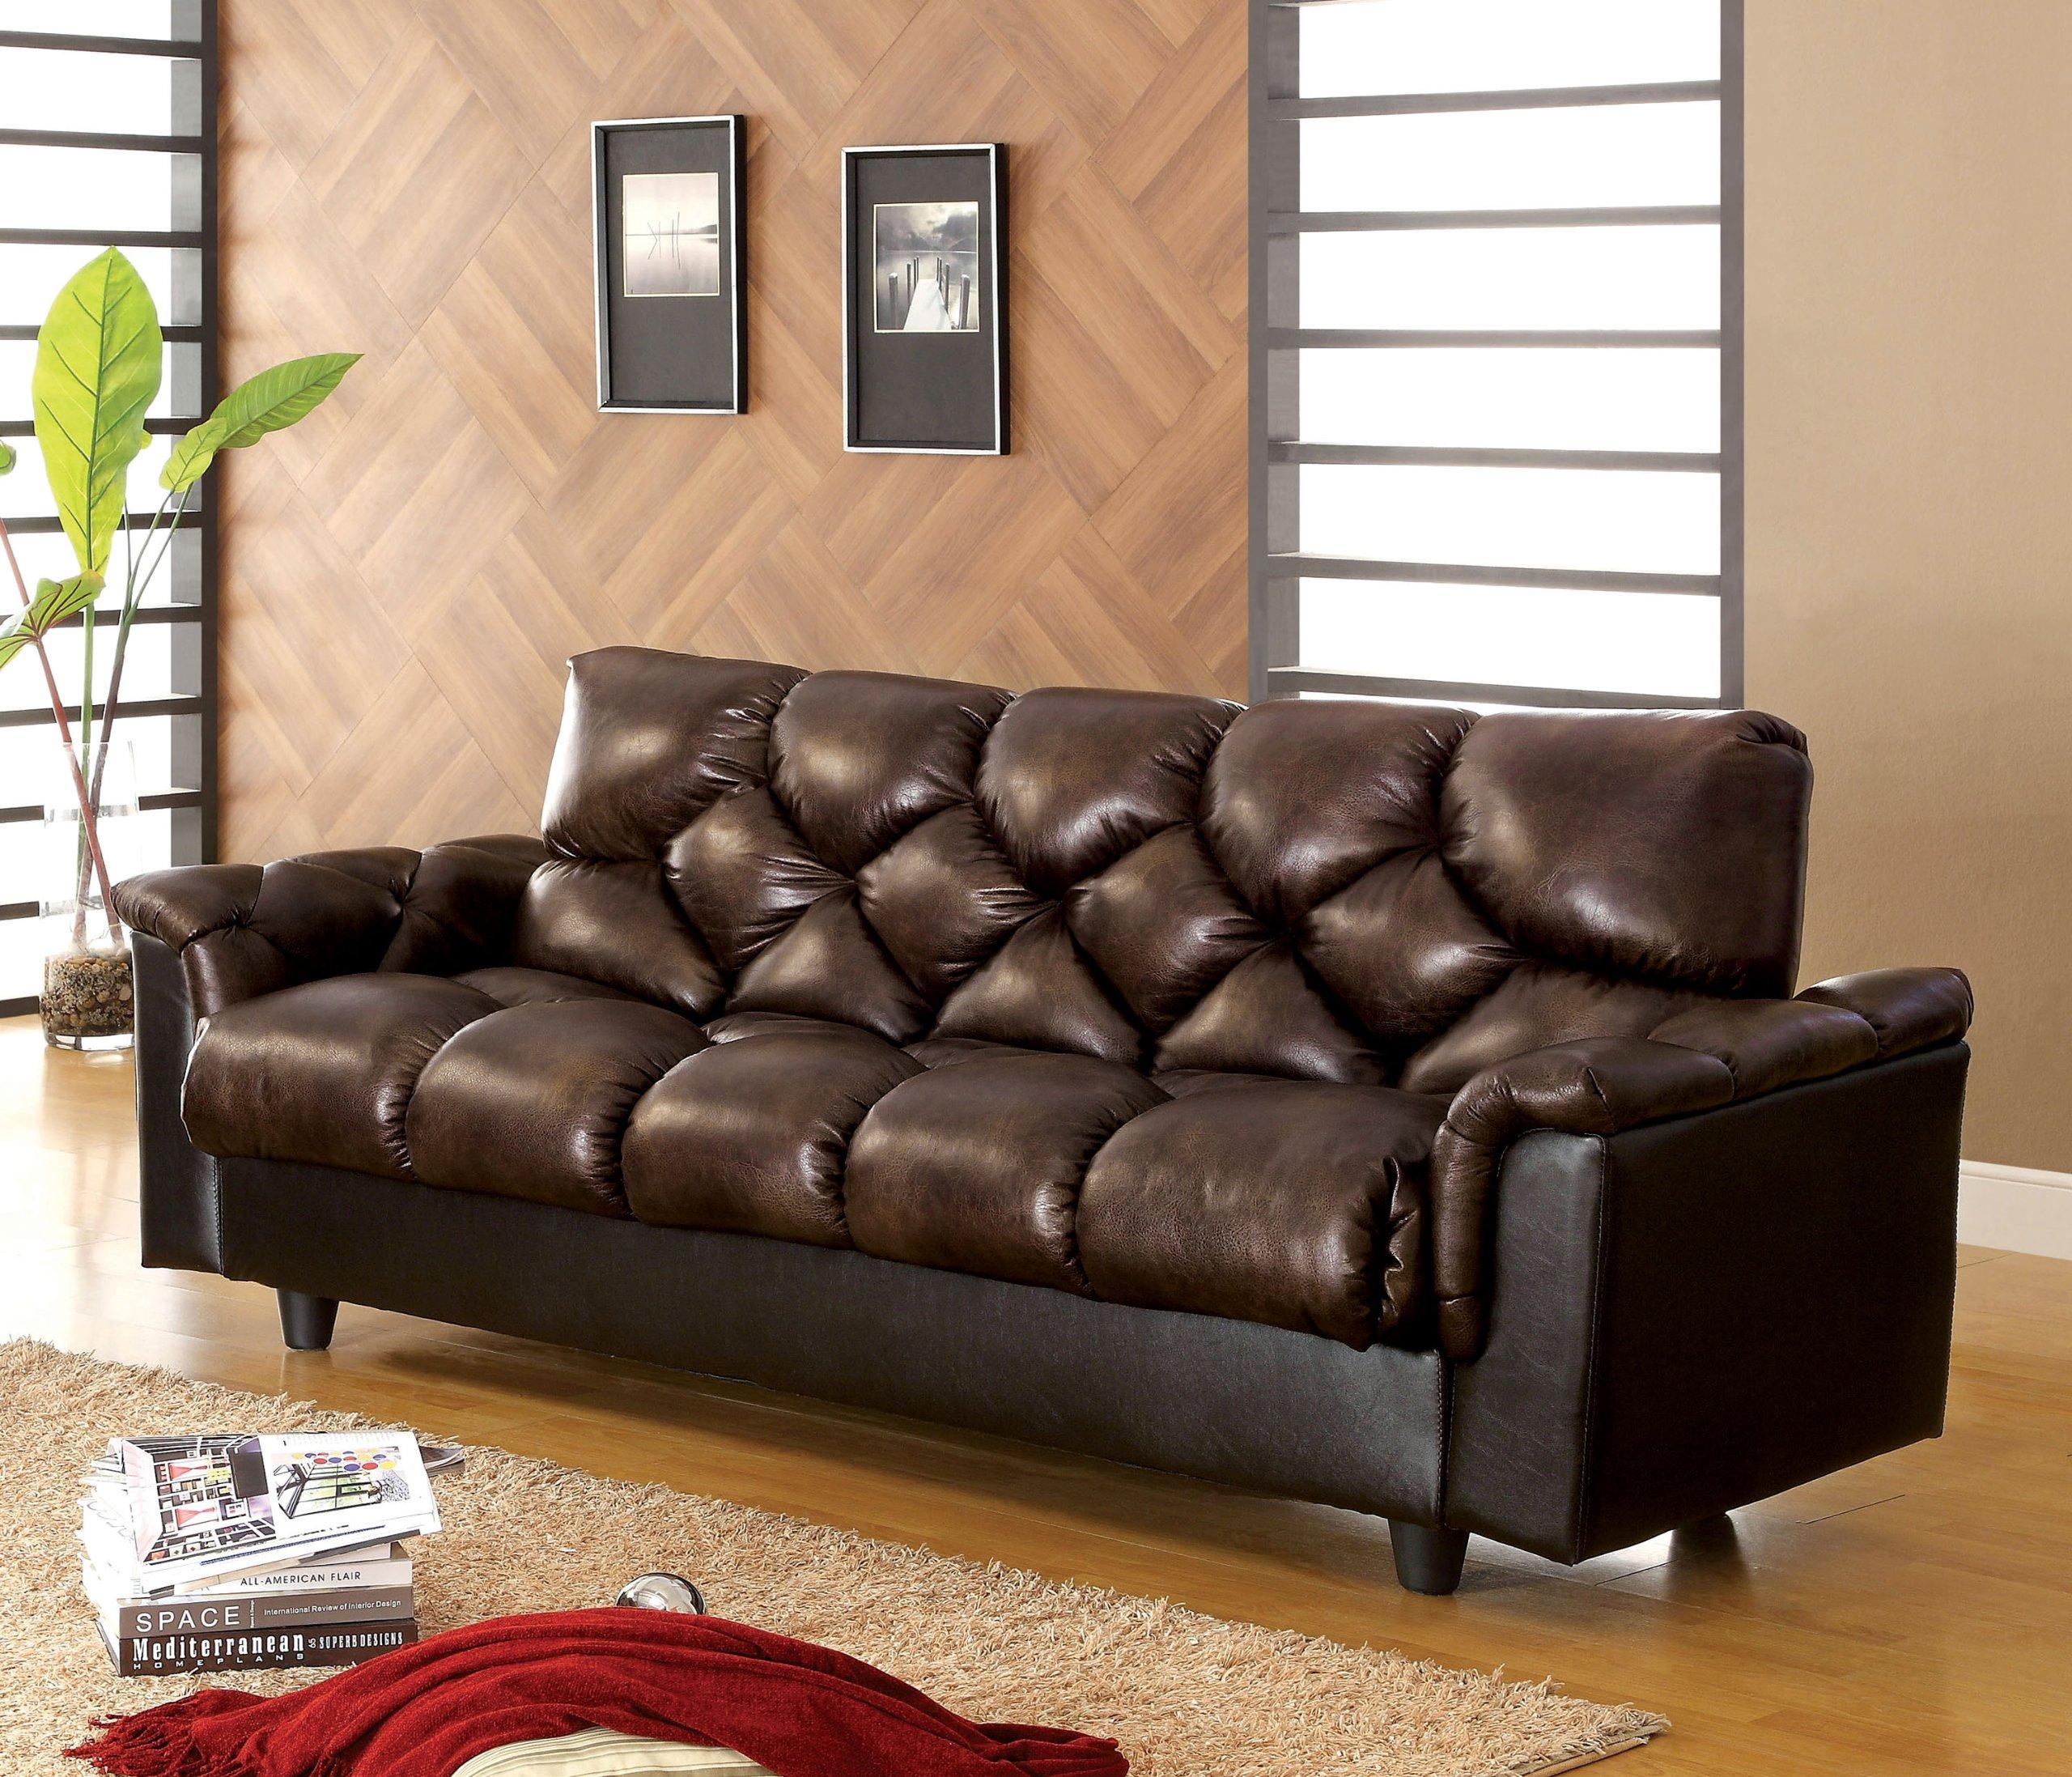 Furniture Of America Montclaire Leather Vinyl Storage Futon/Sofabed, Dark  Brown